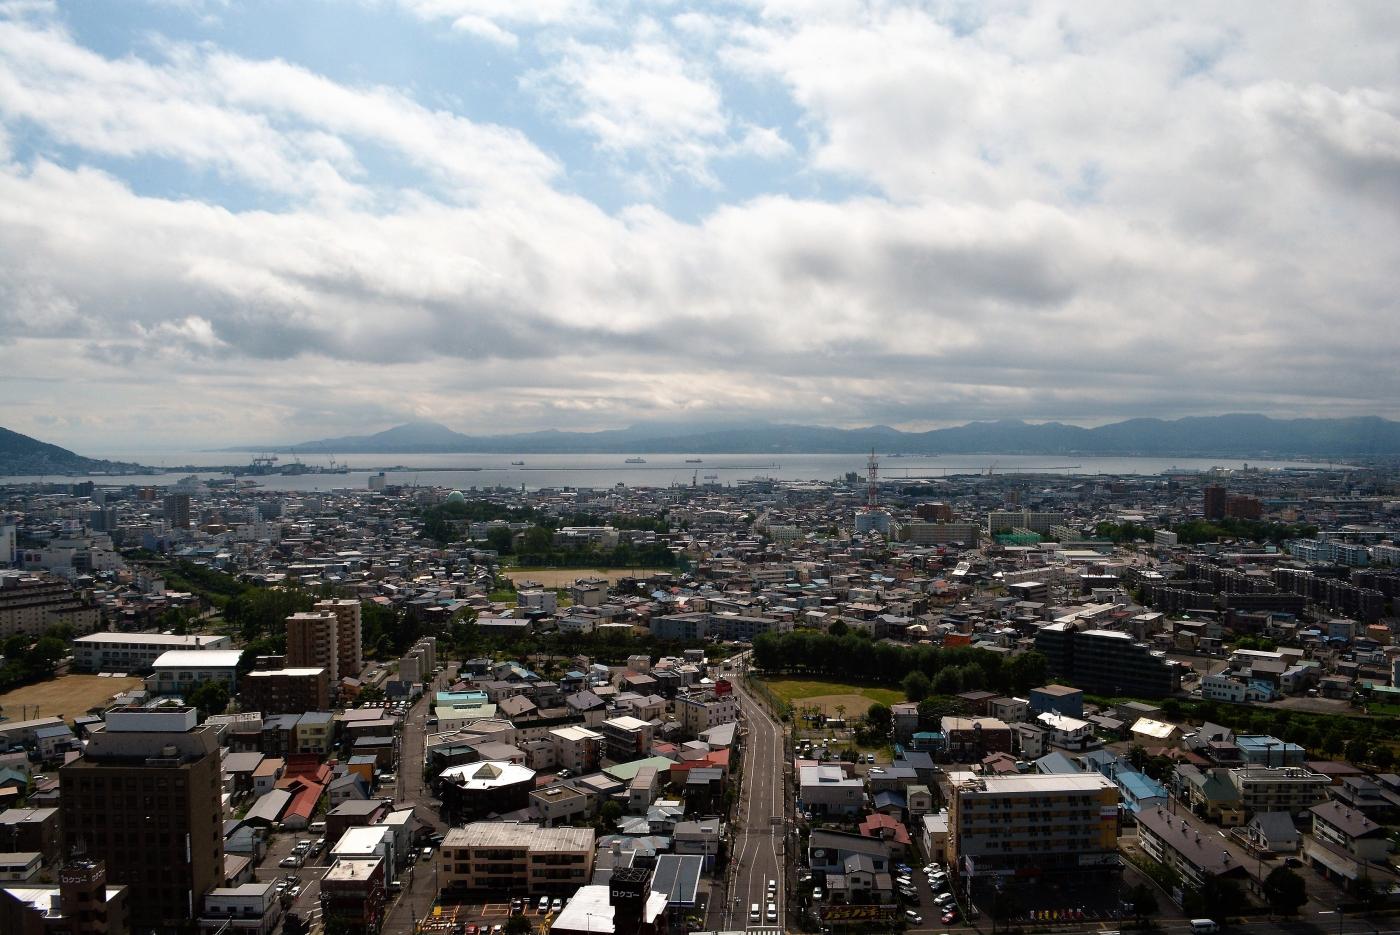 北海道自驾游 - 函馆色篇_图1-11